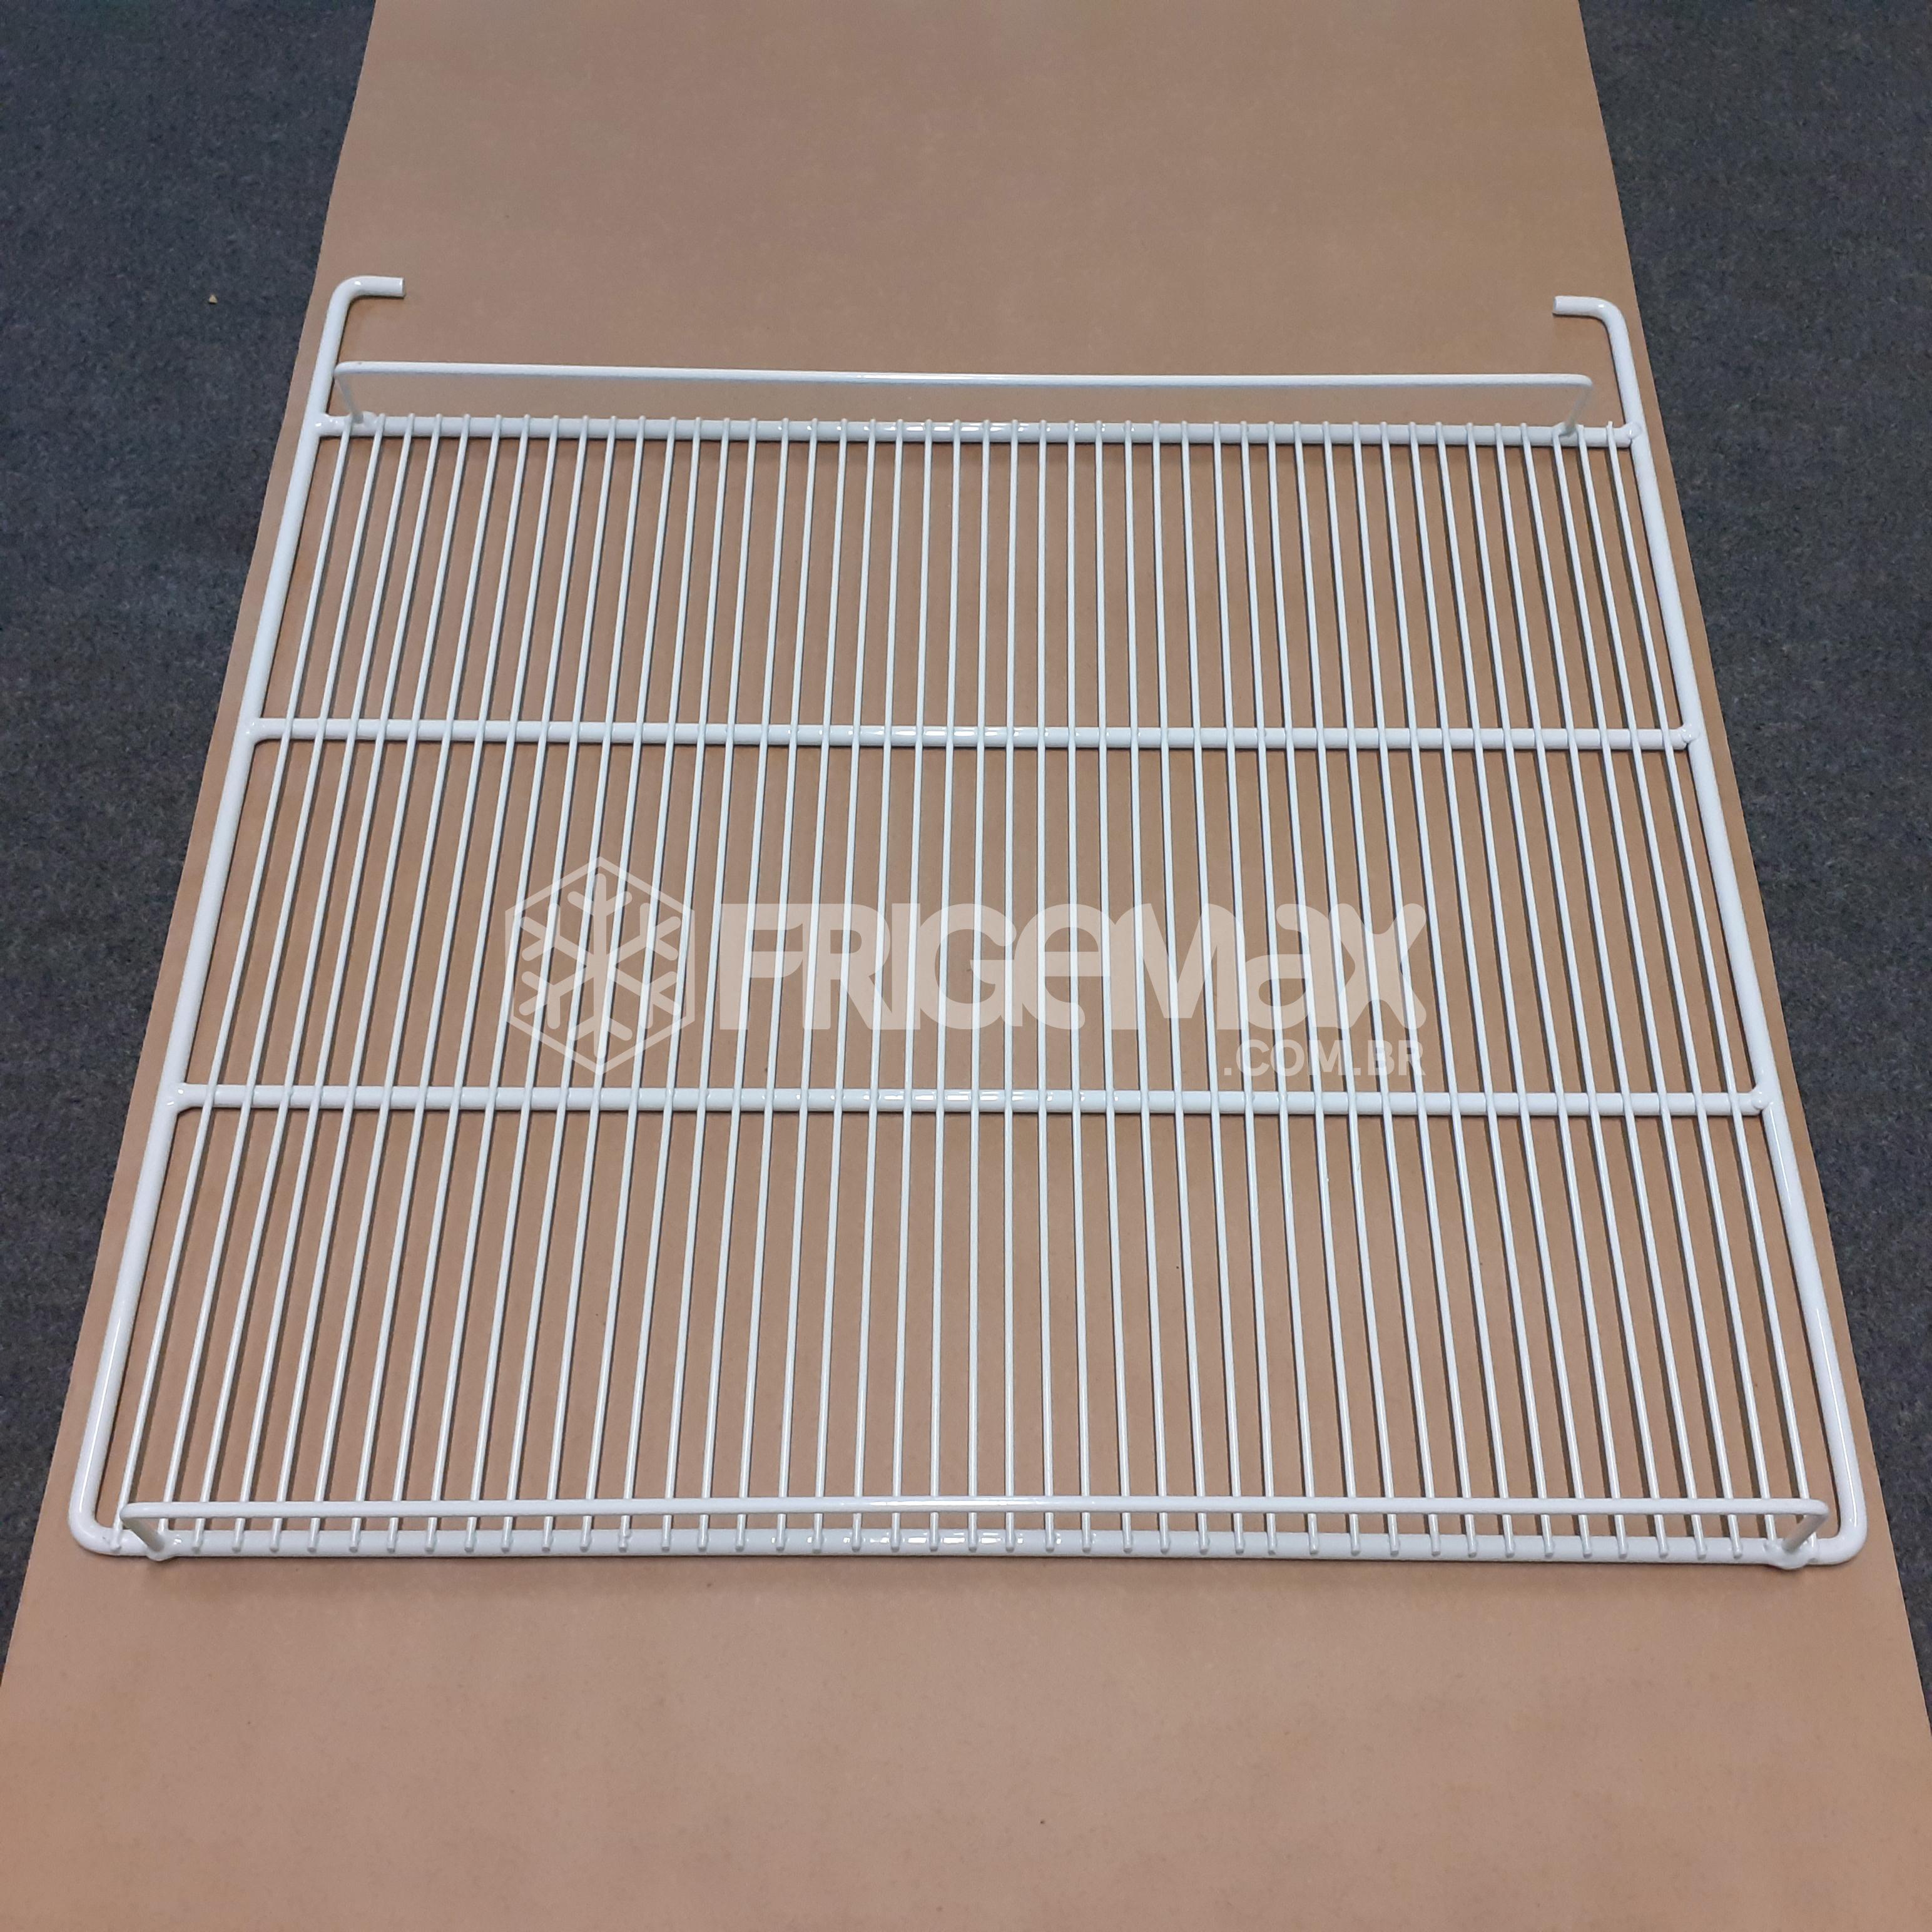 Prateleira Metalfrio 58x56cm c/ 4 suporte (Modelos VB99, VN99)